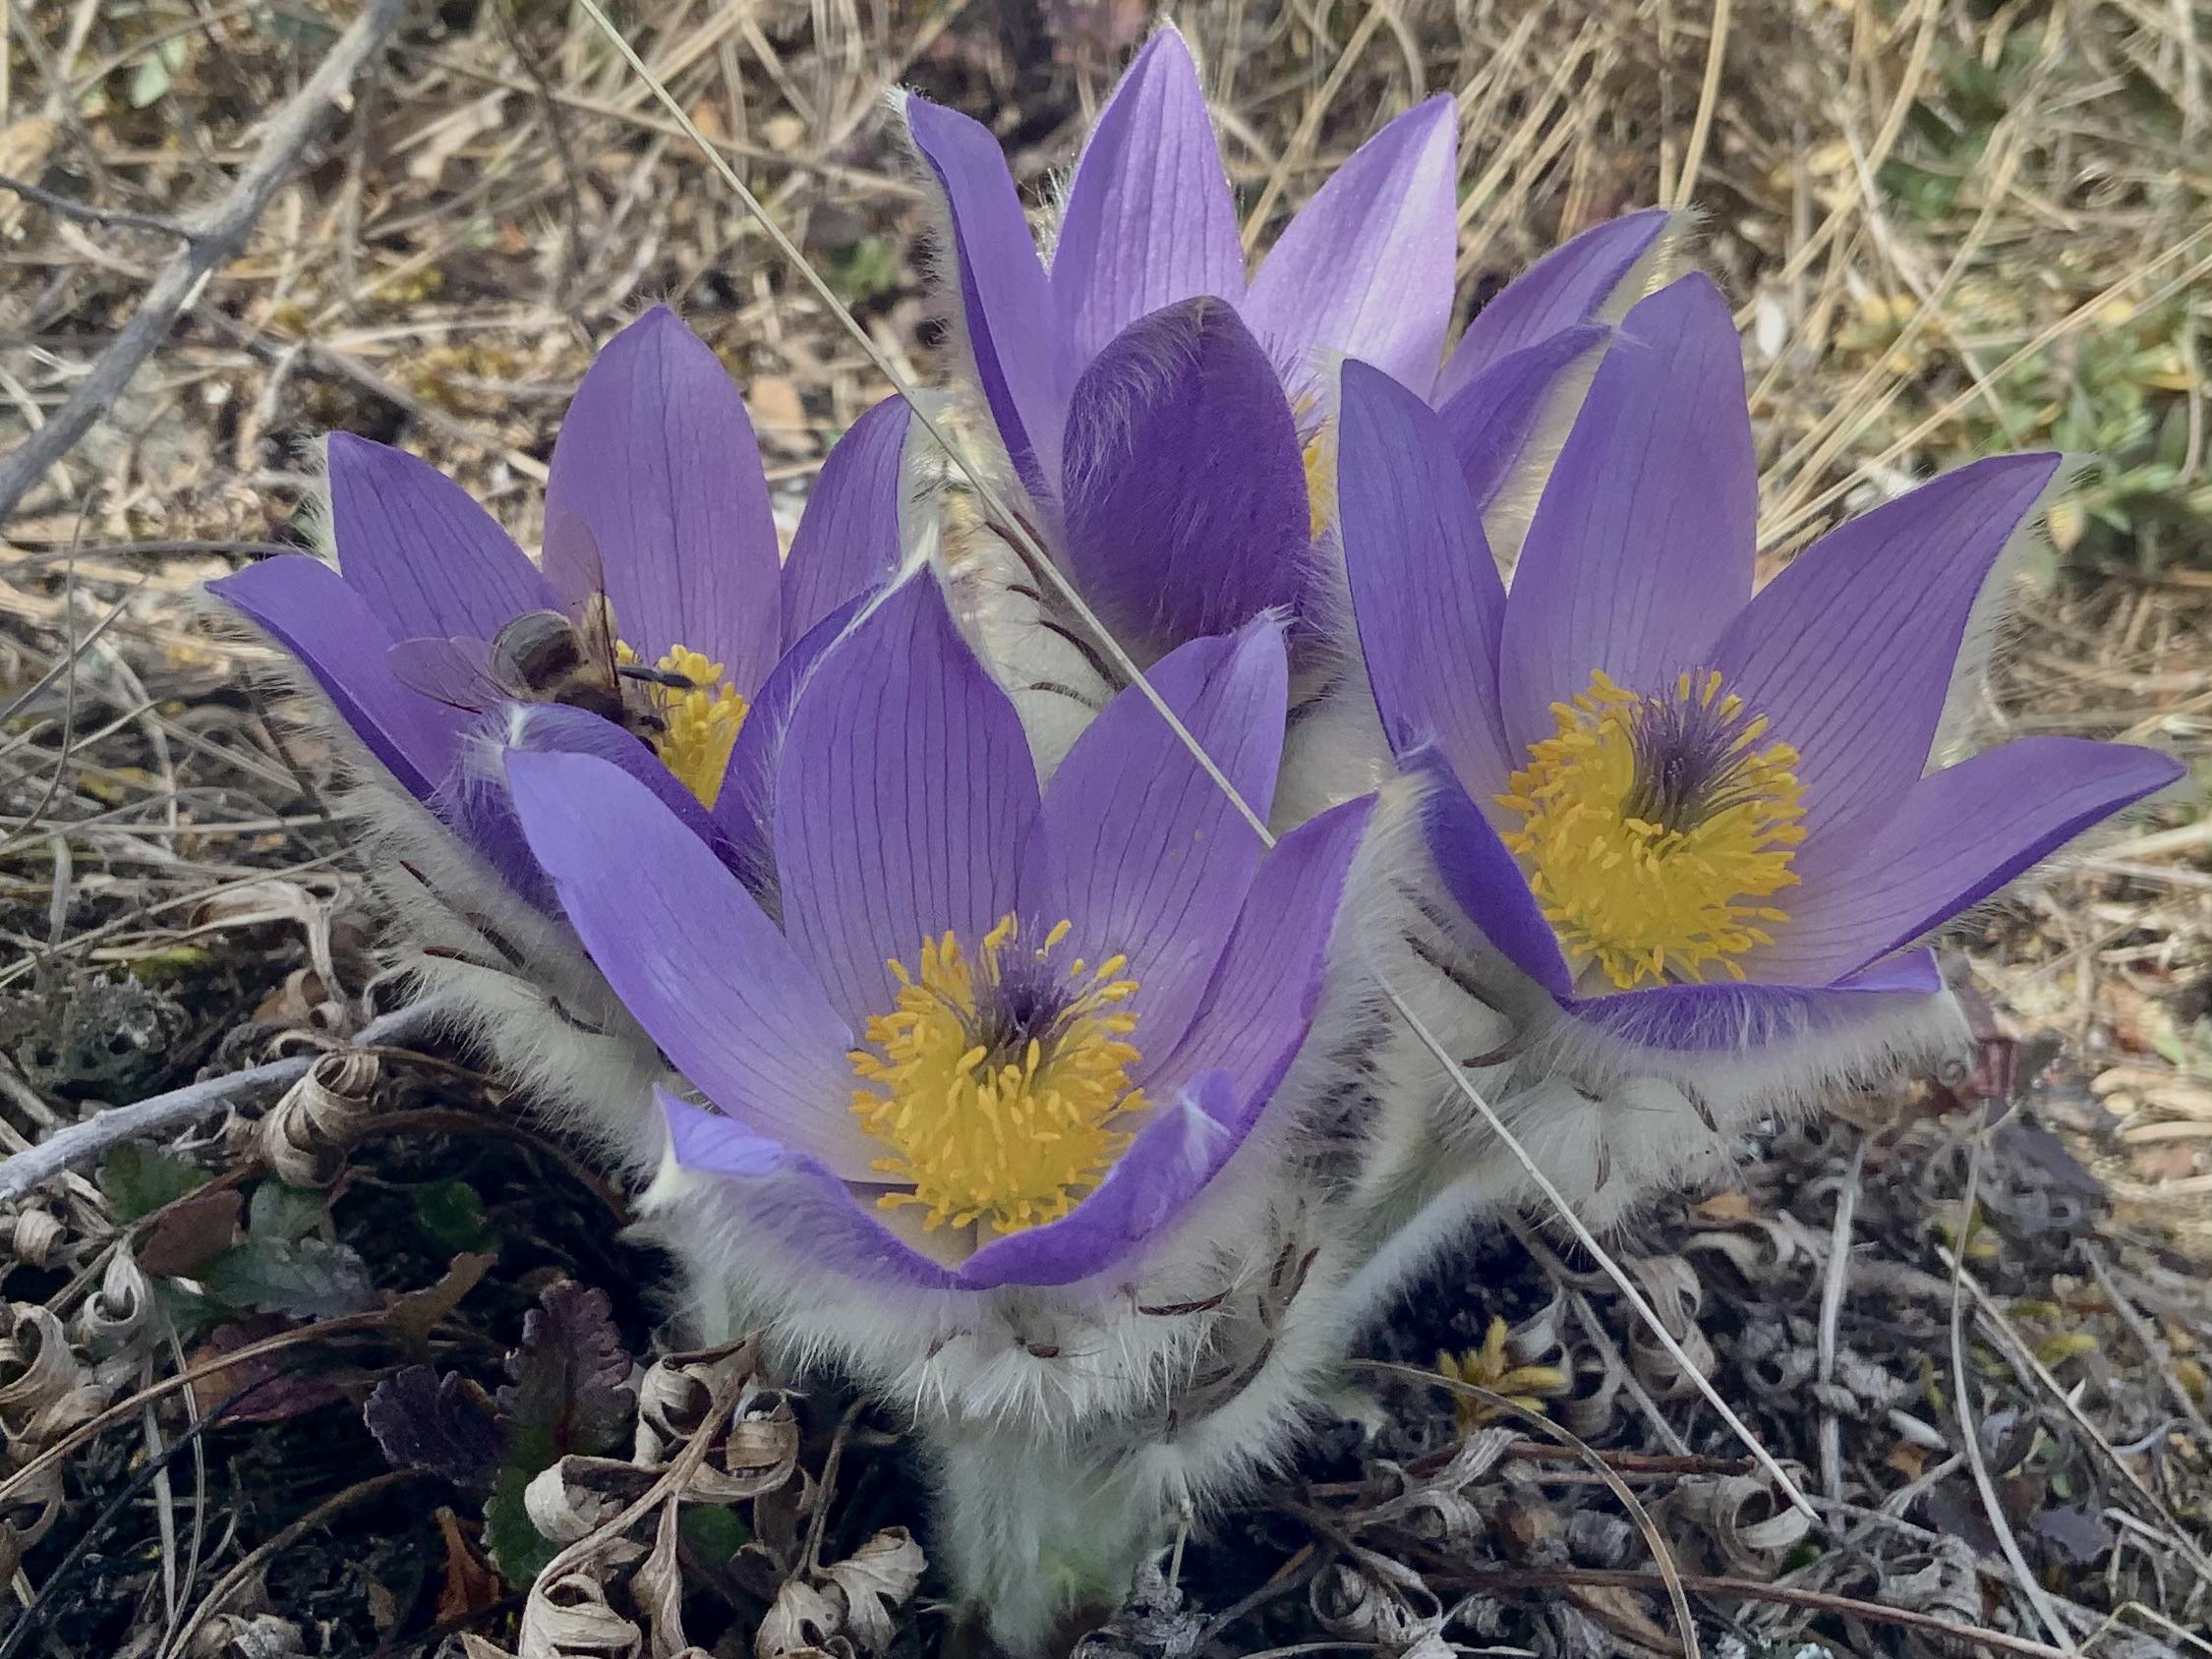 Kuhschelle mit einer Biene in der Blüte